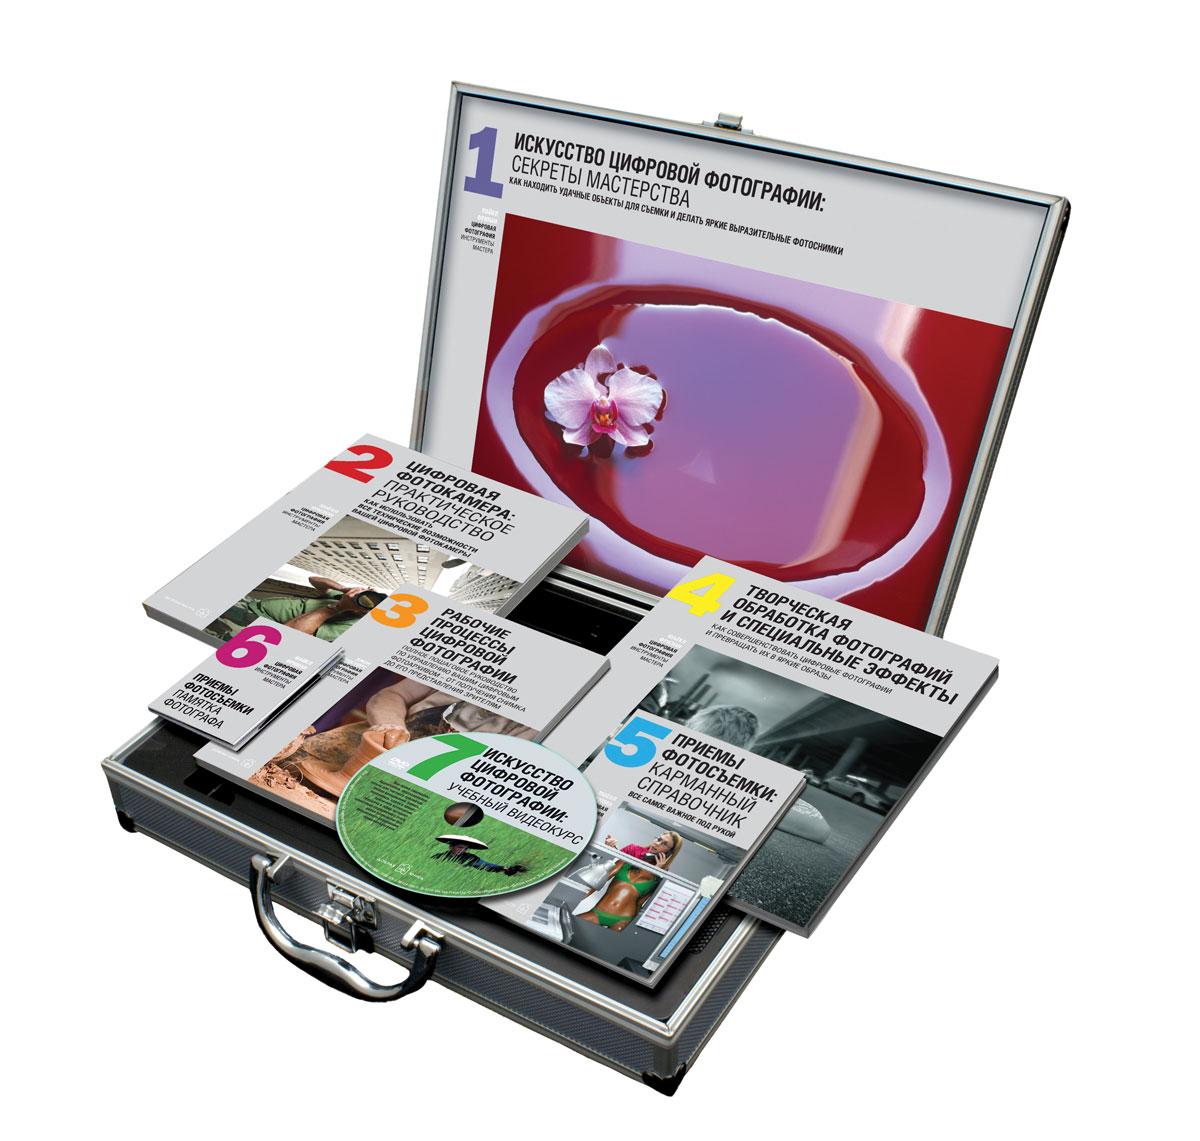 Майкл Фриман Цифровая фотография. Инструменты мастера (комплект в чемоданчике: 6 книг, DVD-ROM с мастер-классом Майкла Фримана)